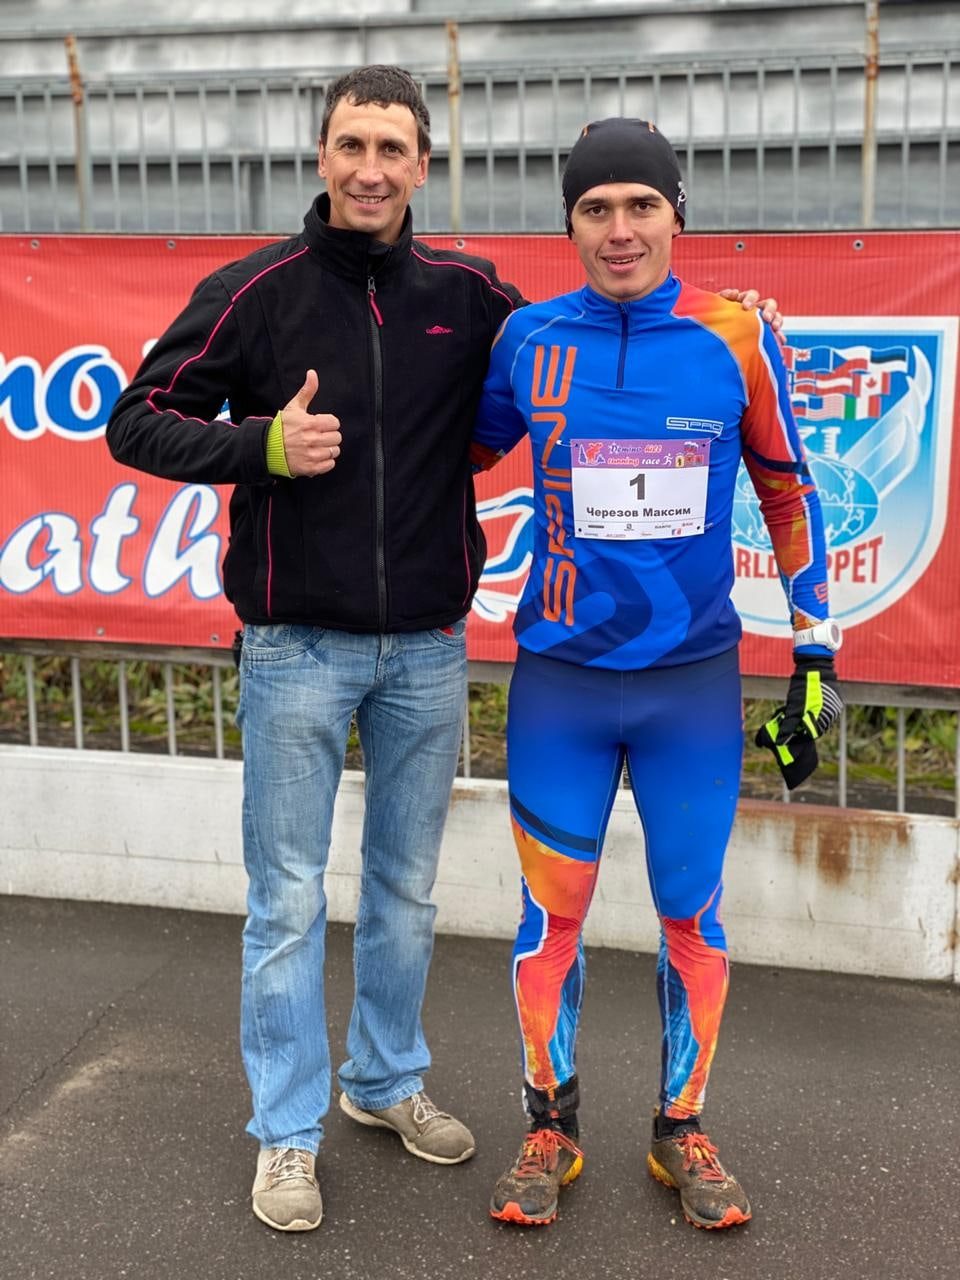 Фотография М. Черезова и И. Самойлова Дёминского бегового полумарафона 2020 - Горный бег